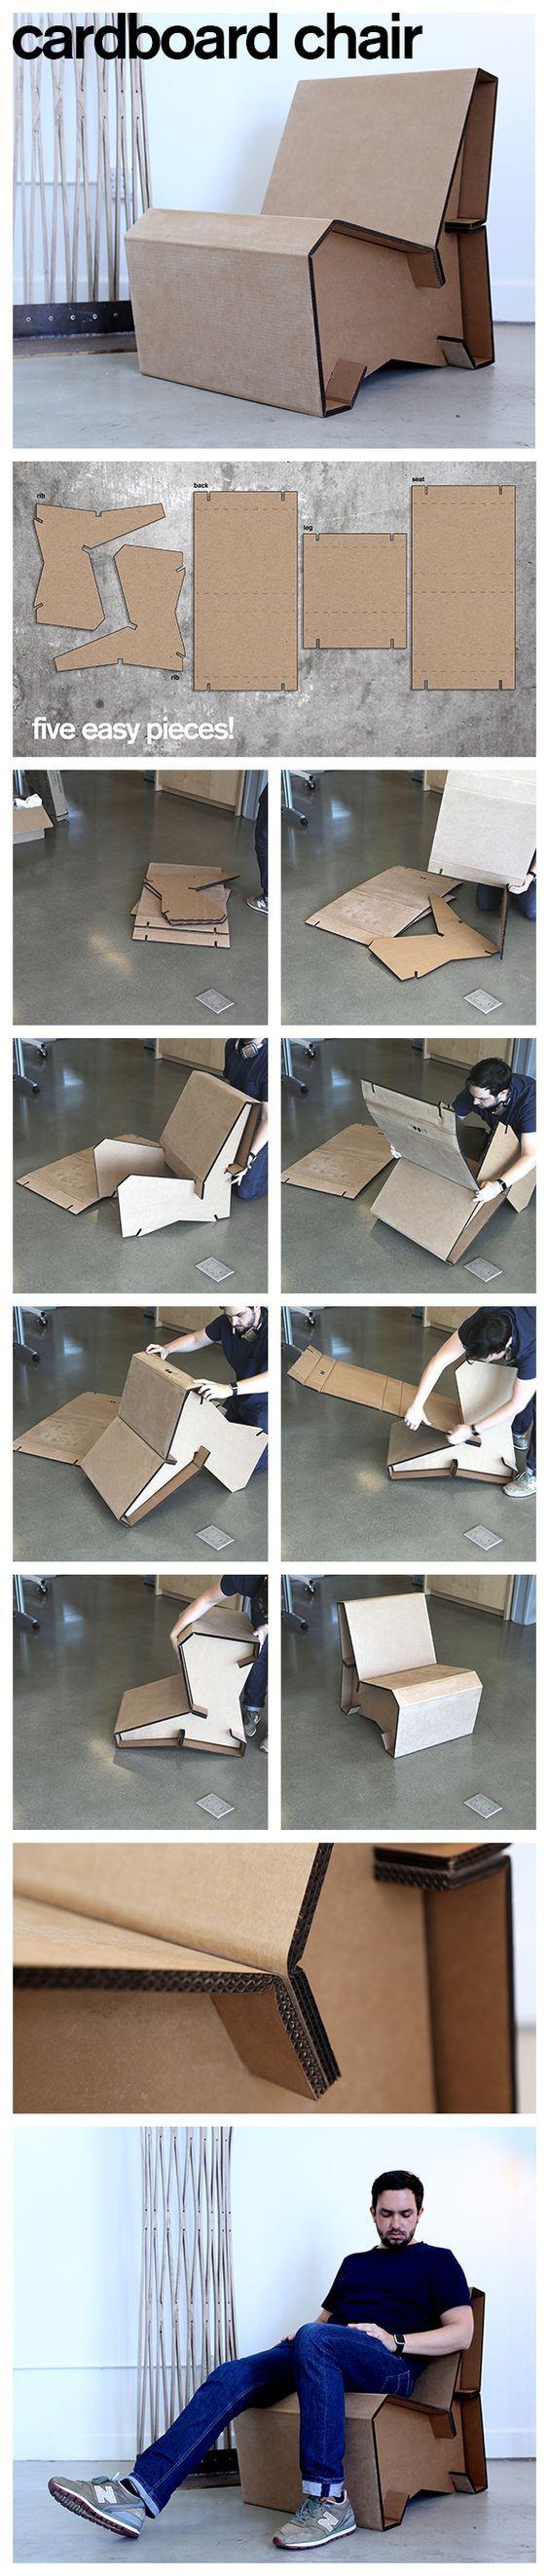 5 Piece Cardboard Lounge Chair | Muebles de cartón, Cartón y ...